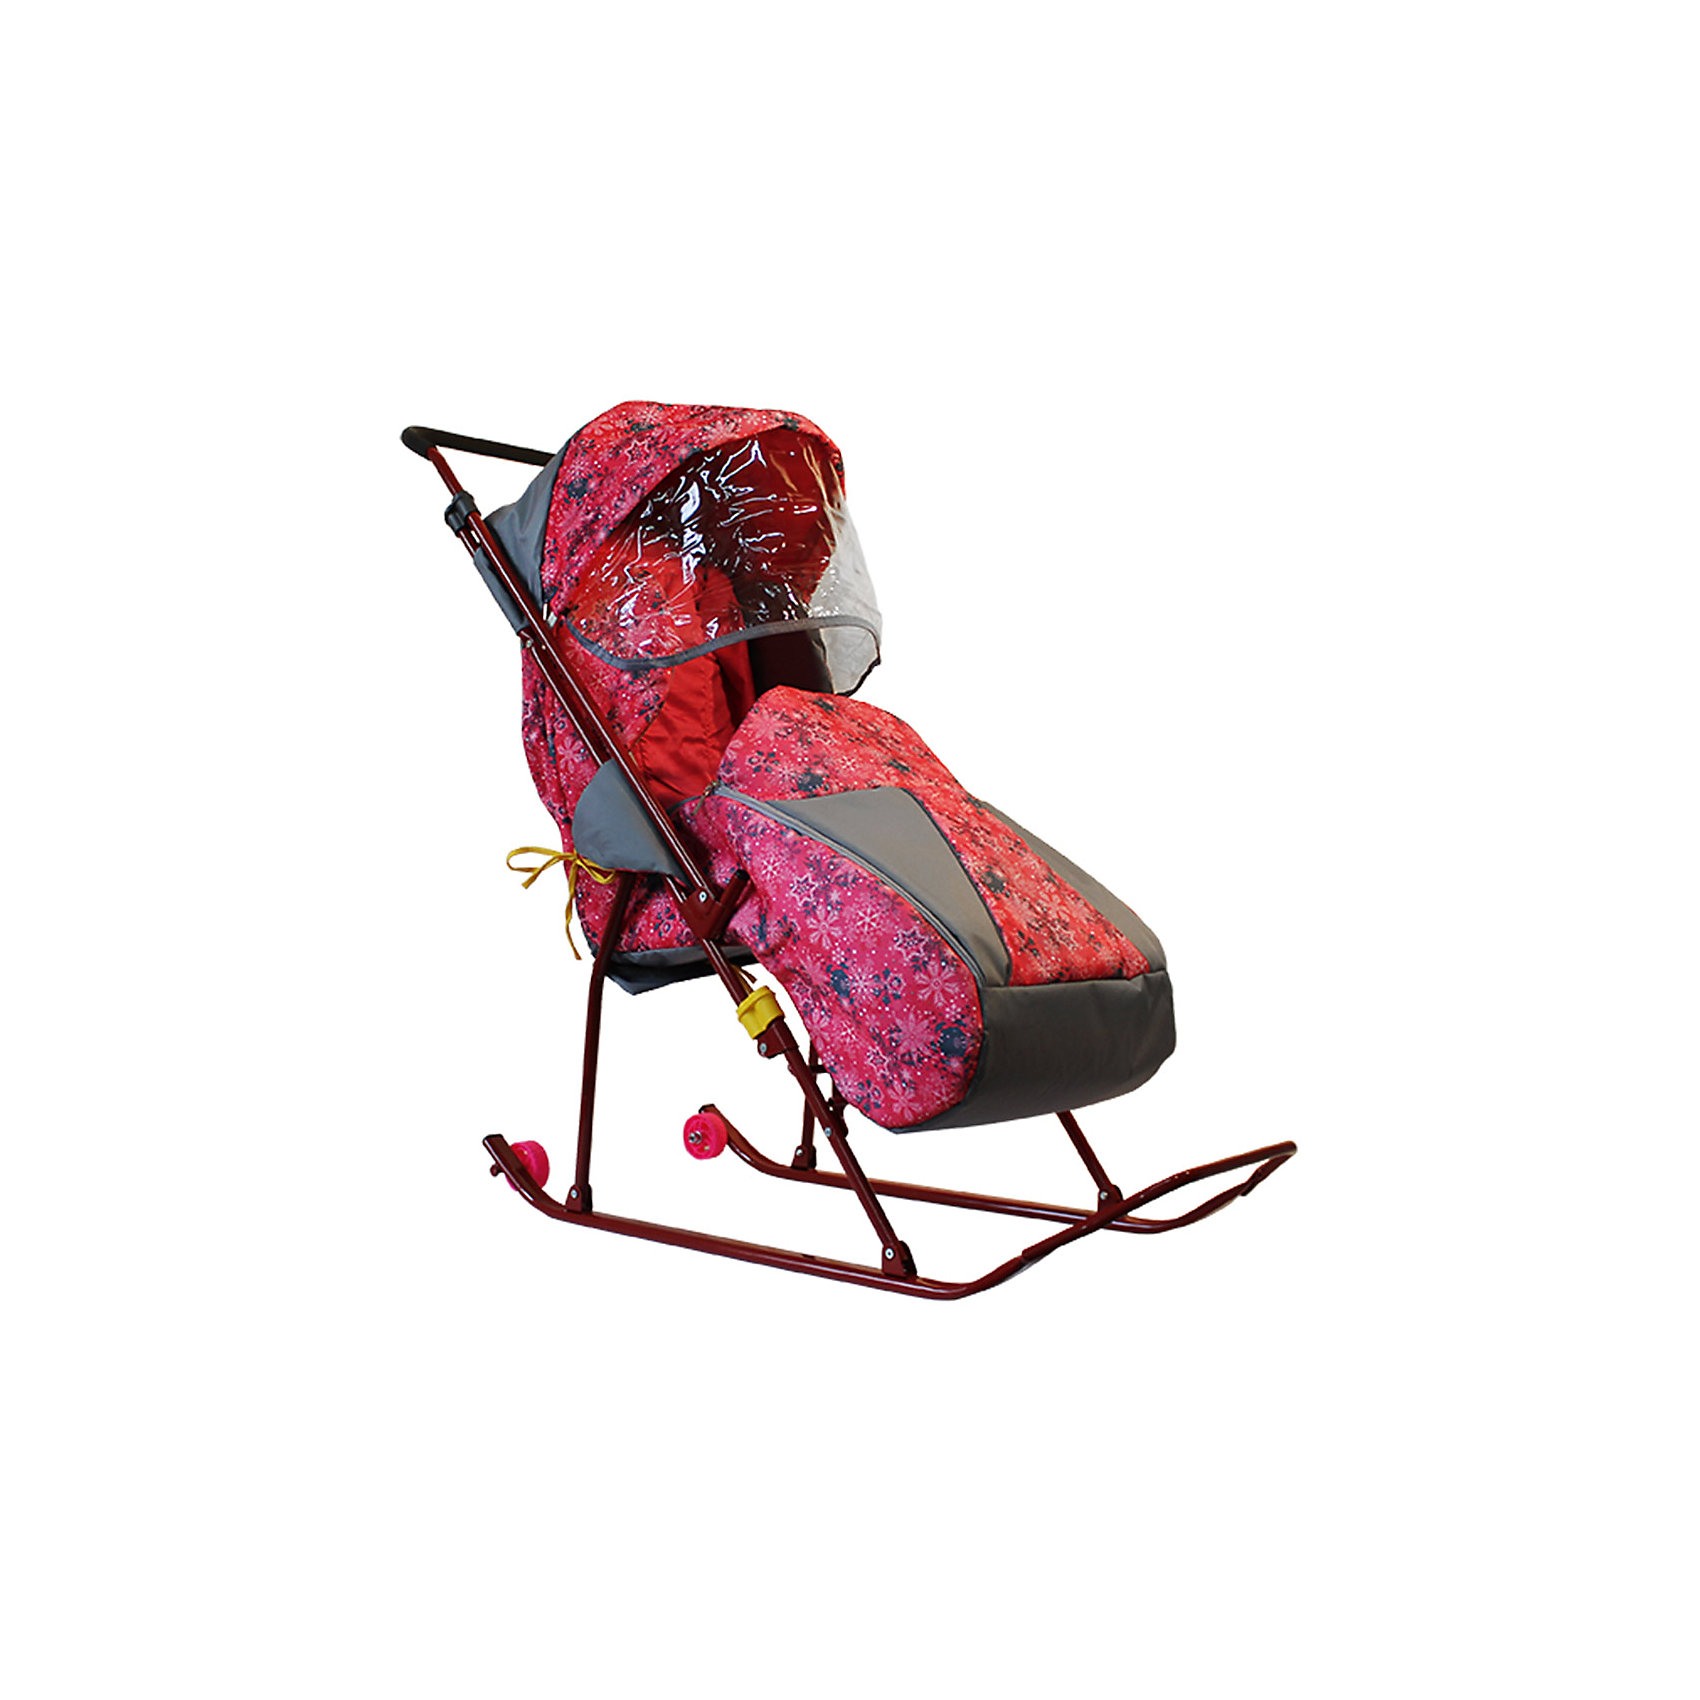 Санки-коляска Снежинка премиум, Galaxy, снежинки/розовыйХарактеристики:<br><br>• Наименование: санки-коляска<br>• Сезон: зима<br>• Пол: для девочки<br>• Материал: металл, пластик, текстиль<br>• Цвет: оттенки розового, серый<br>• Наличие 2-х маленьких колесиков<br>• Наличие перекидной ручки<br>• Наличие ремней безопасности<br>• Максимально допустимый вес: 80 кг<br>• Размеры (Д*Ш*В): 102*41*102 см<br>• Вес: 6 кг 300 г<br>• Спинка регулируемая<br>• Чехол для ножек застегивается на молнию<br>• Наличие складного козырька с тентом<br>• Каркас усиленный <br><br>Санки-коляска Снежинка премиум, Galaxy, амуры/красный предназначены для зимних прогулок с ребенком по разным видам дорожной поверхности. Санки оснащены полозьями и дополнительно маленькими колесиками, которые позволяют без труда преодолеть незаснеженные участки дороги. Чехлы, выполненые из непродуваемого и непромокаемого материала, обеспечат клмфортные прогулки даже в самую непогоду, а регулируемая по высоте спинка позволит не прерывать прогулку, даже если малыш заснул. Санки-коляска оснащены ремнями безопасности, ручка перекидывается, что делает их удобными не только для ребенка, но и для мамы. <br><br>Санки-коляска Снежинка премиум, Galaxy, амуры/красный можно купить в нашем интернет-магазине.<br><br>Ширина мм: 1110<br>Глубина мм: 416<br>Высота мм: 225<br>Вес г: 6300<br>Возраст от месяцев: 6<br>Возраст до месяцев: 36<br>Пол: Женский<br>Возраст: Детский<br>SKU: 5120637